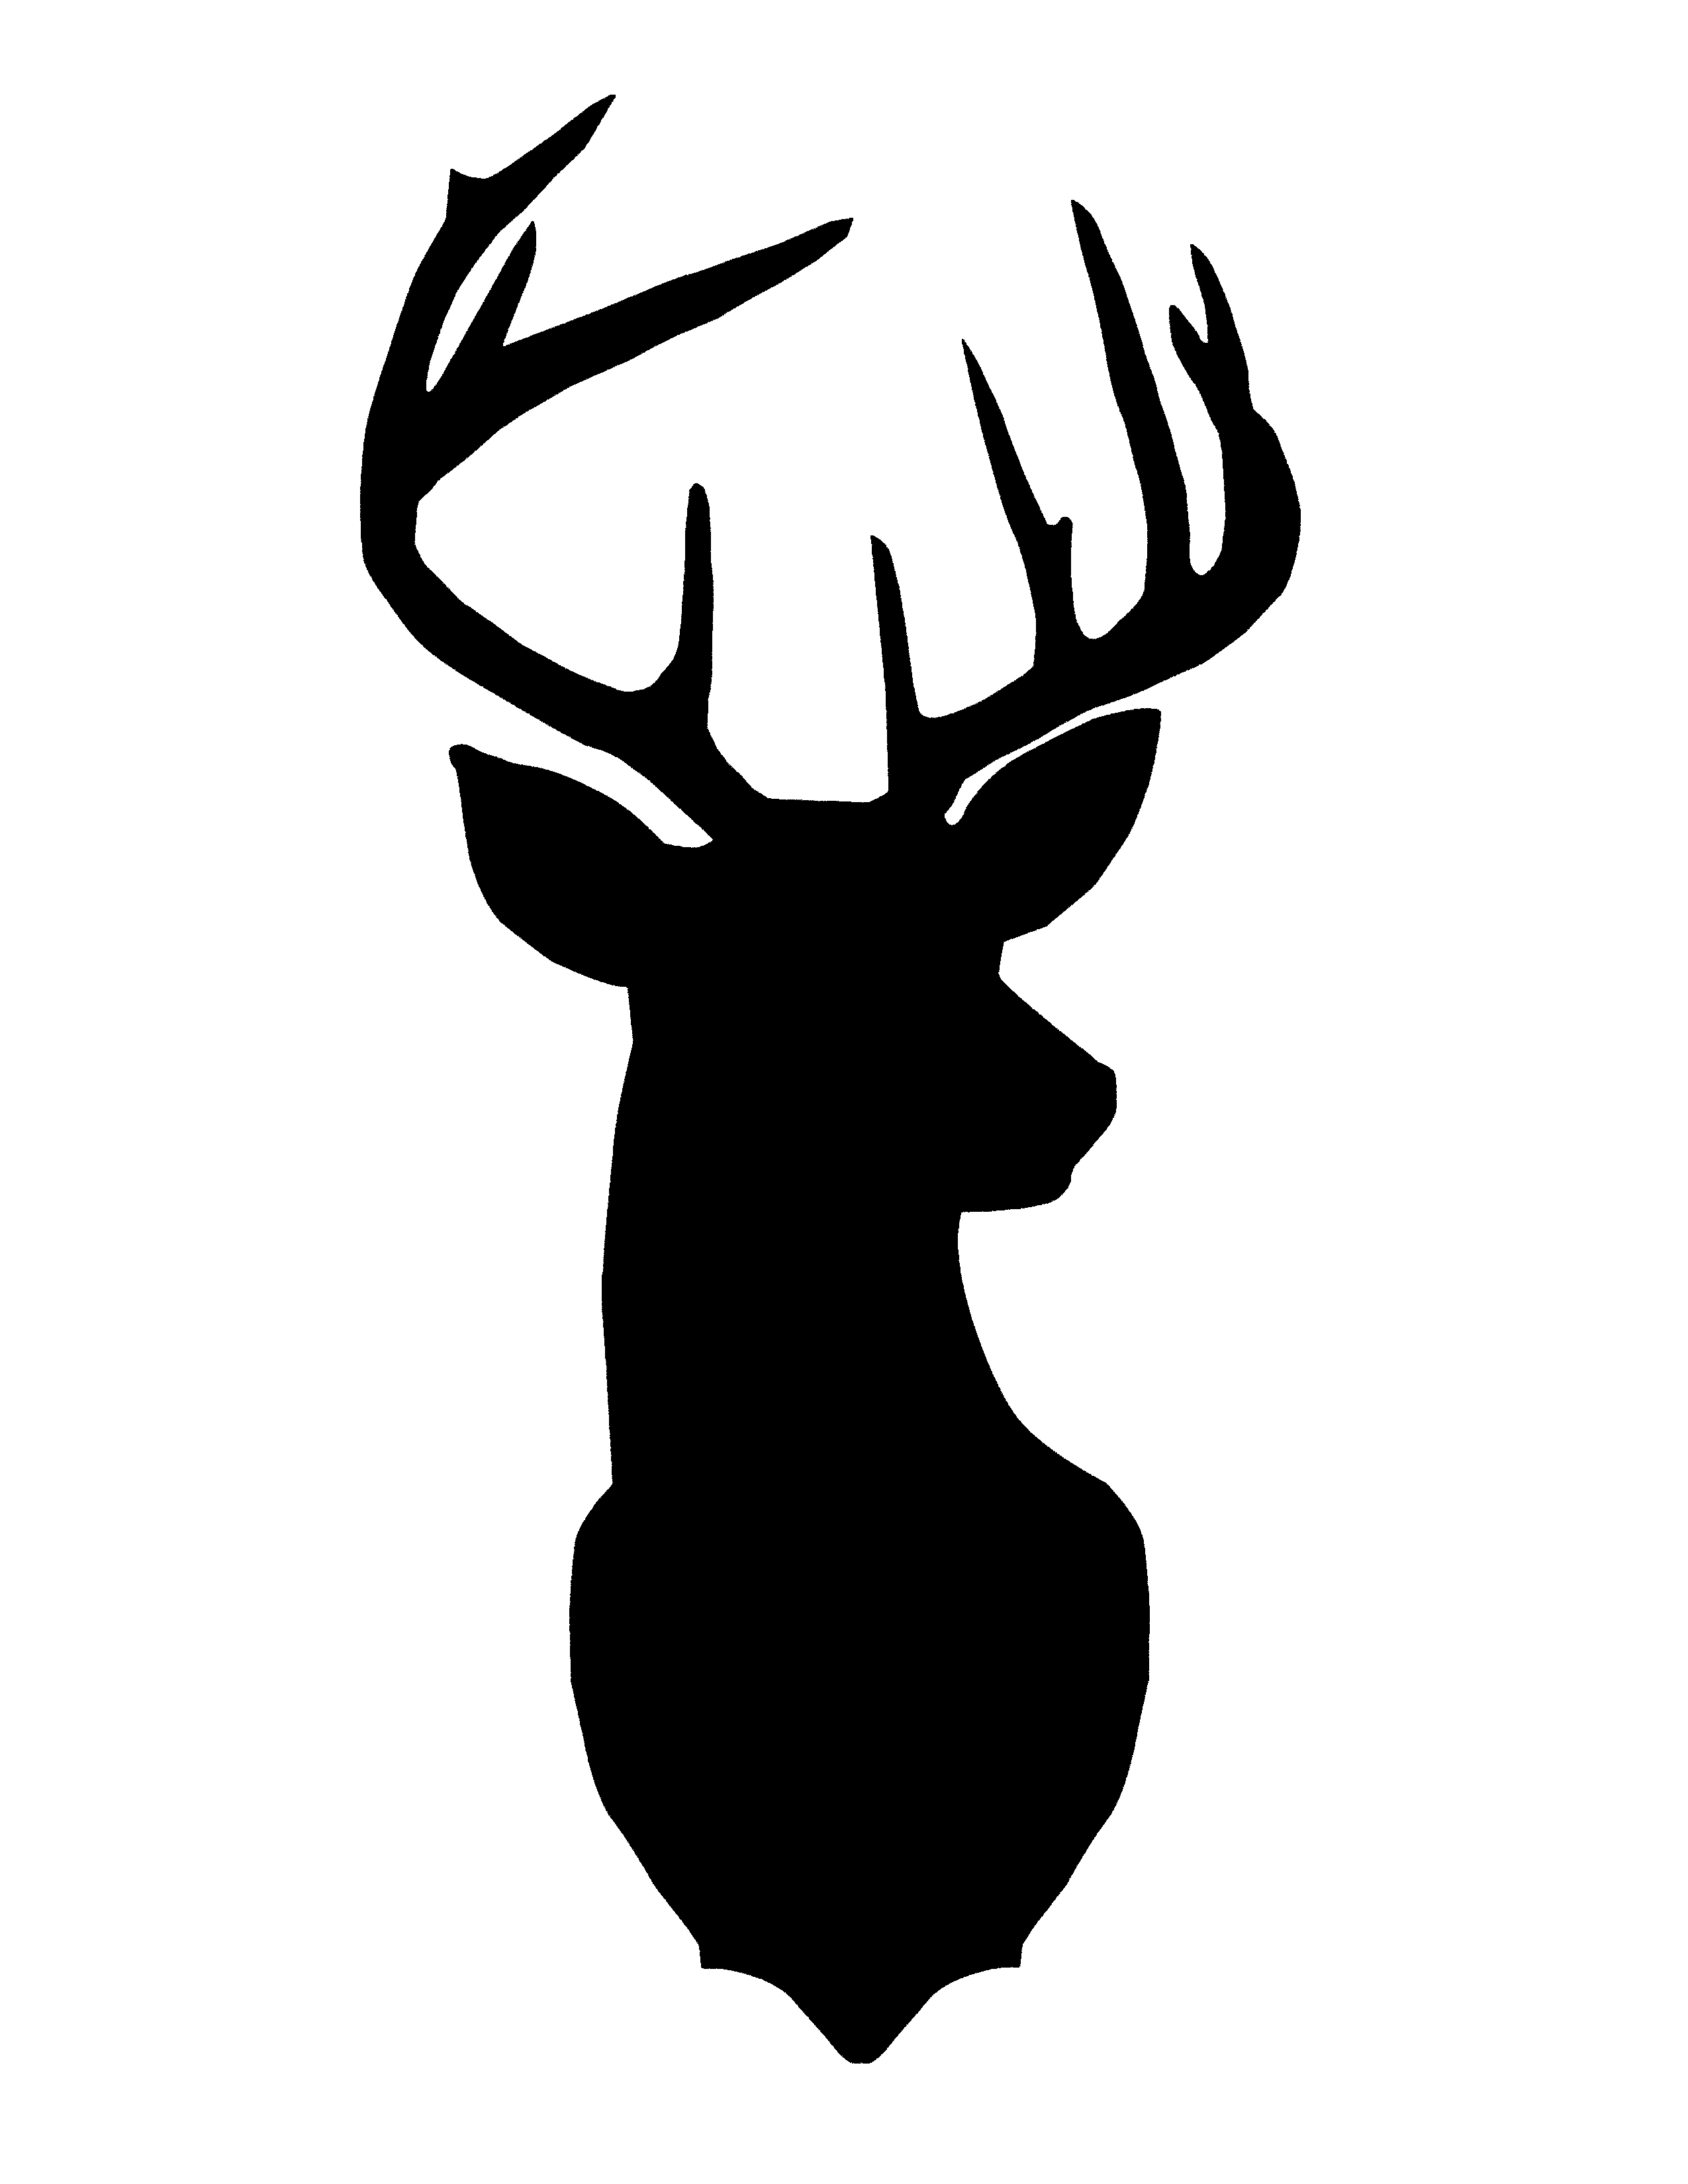 6 Images of Printable Christmas Deer Head Silhouette